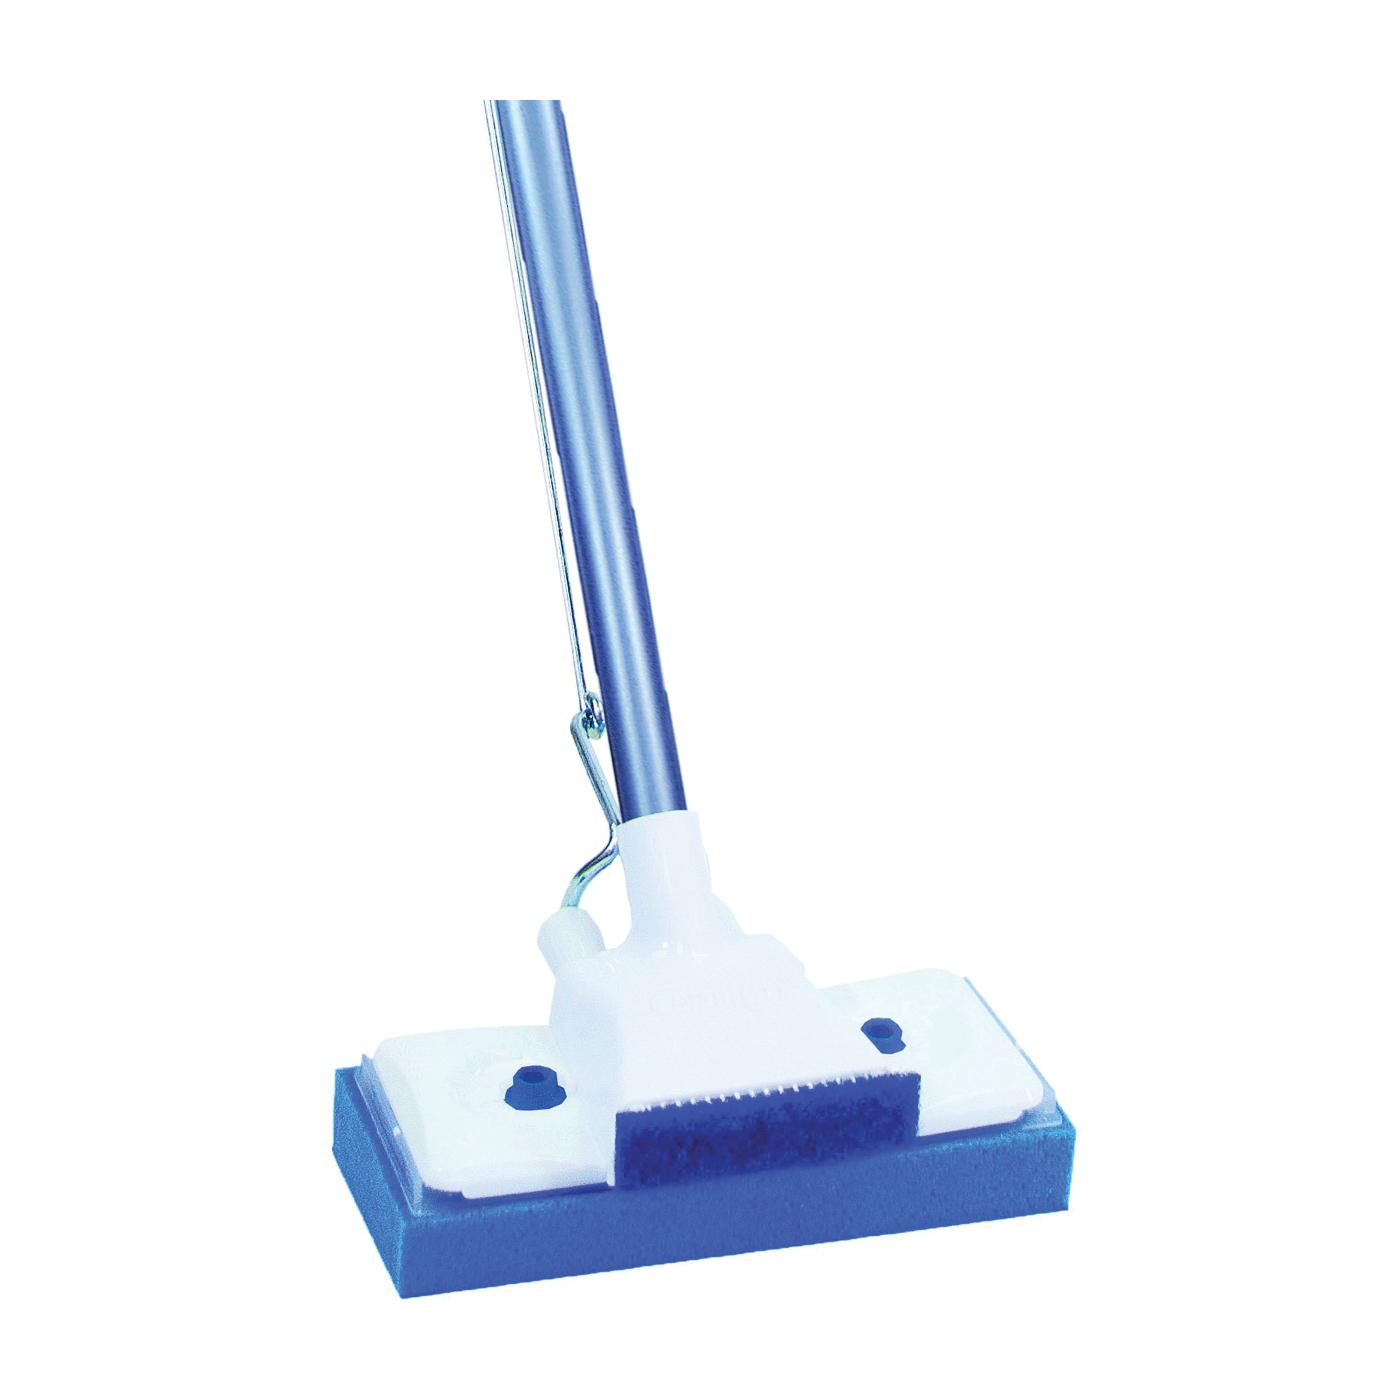 Picture of Quickie 047MB-4 Sponge Mop, Cellulose Sponge Mop Head, Steel Handle